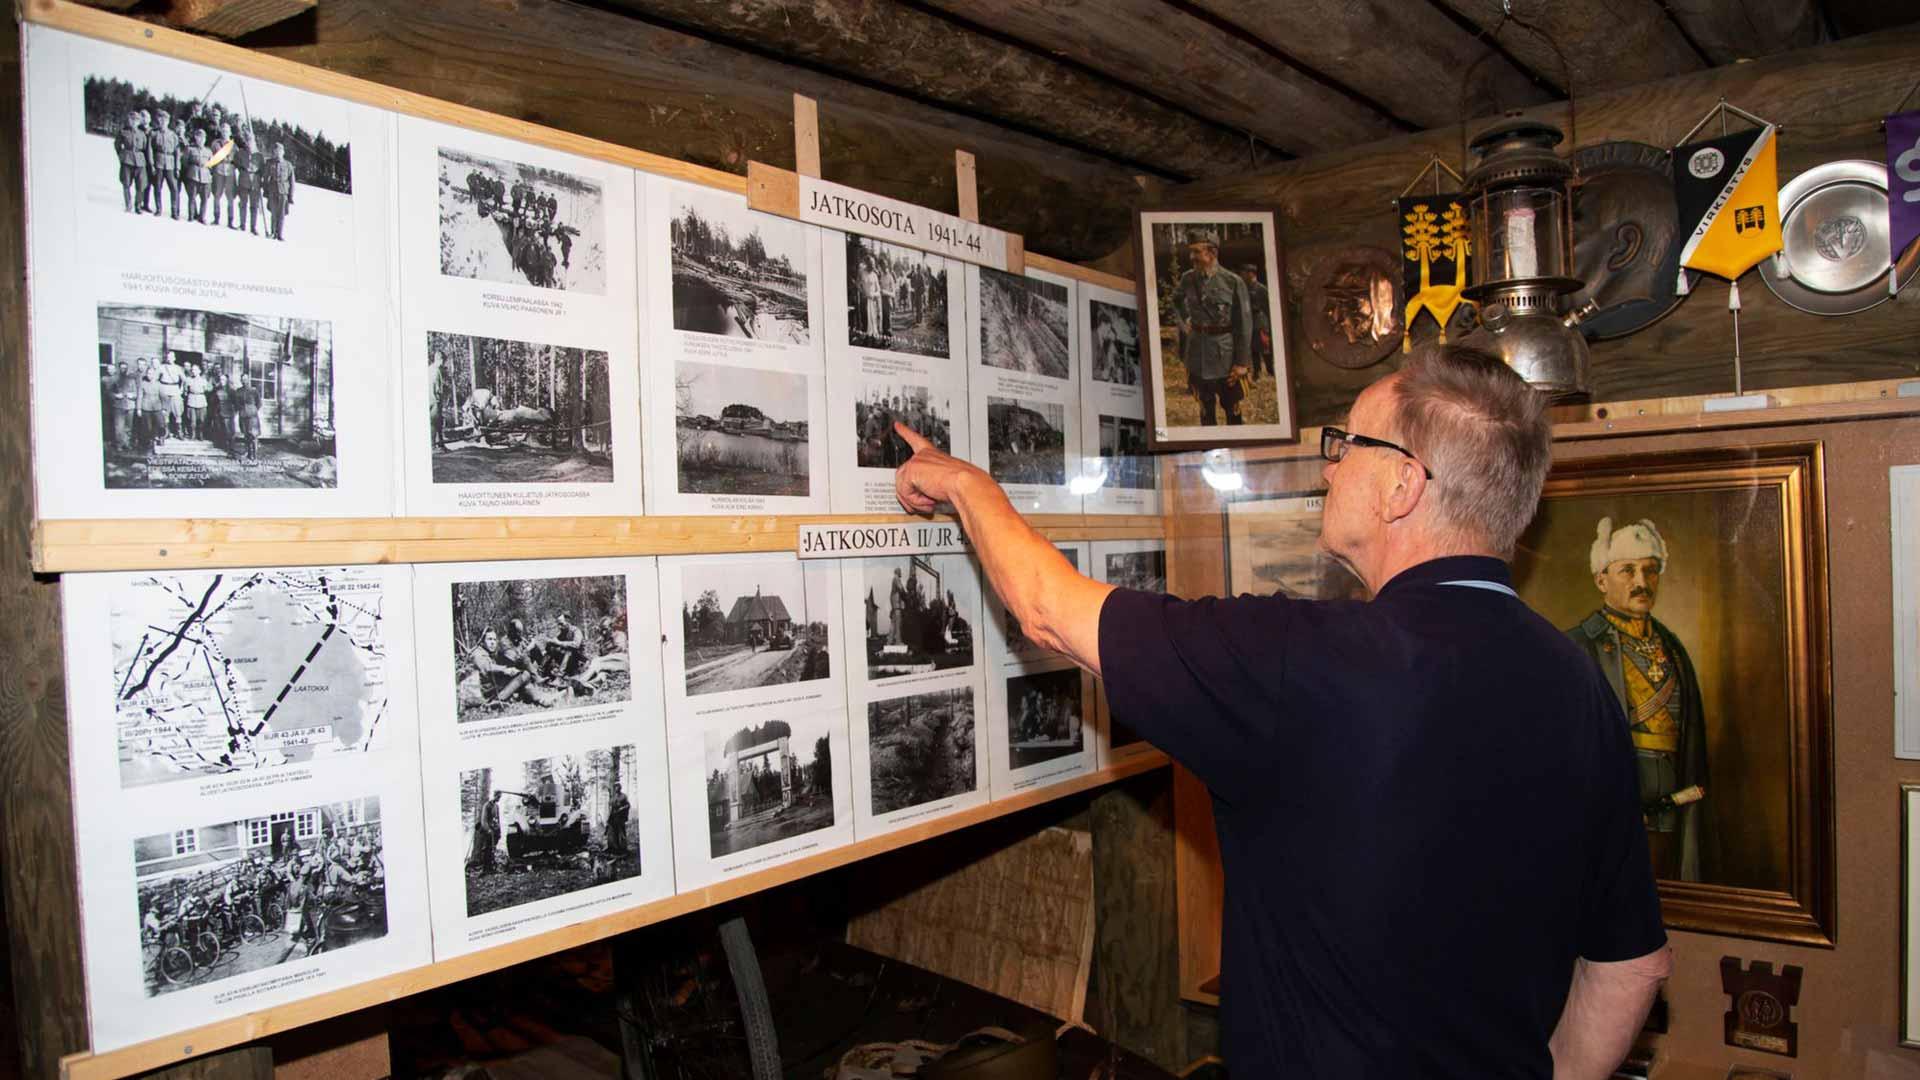 Mäntyharjun veteraanipuisto ja korsumuseo vaalivat veteraanien muistoa ja tarjoavat tietoa niin sisällissodan kuin talvi- ja jatkosodankin vaiheista. Kuvassa Reijo Nupponen esittelee valokuvia.